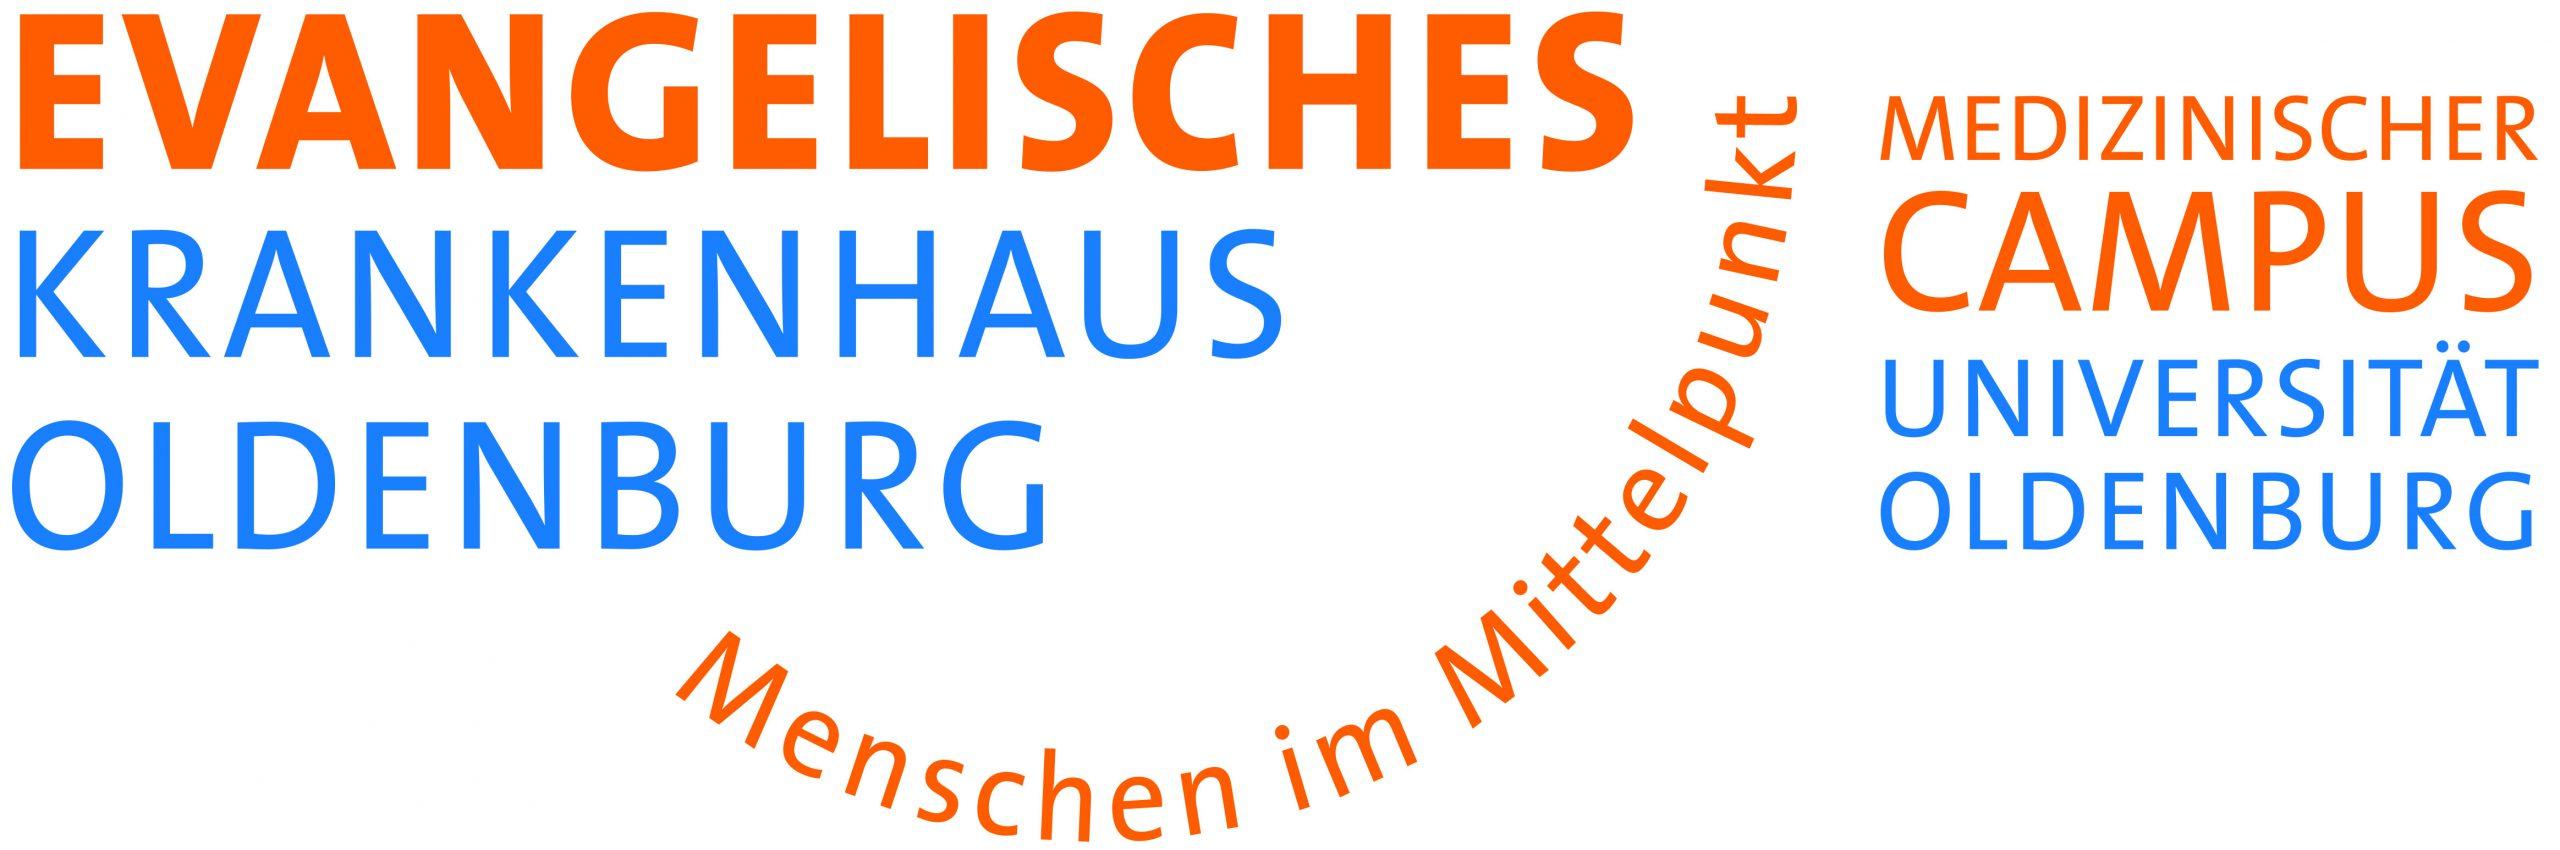 Evangelisches Krankenhaus Oldenburg digitalisiert Dienstpläne per Smartphone